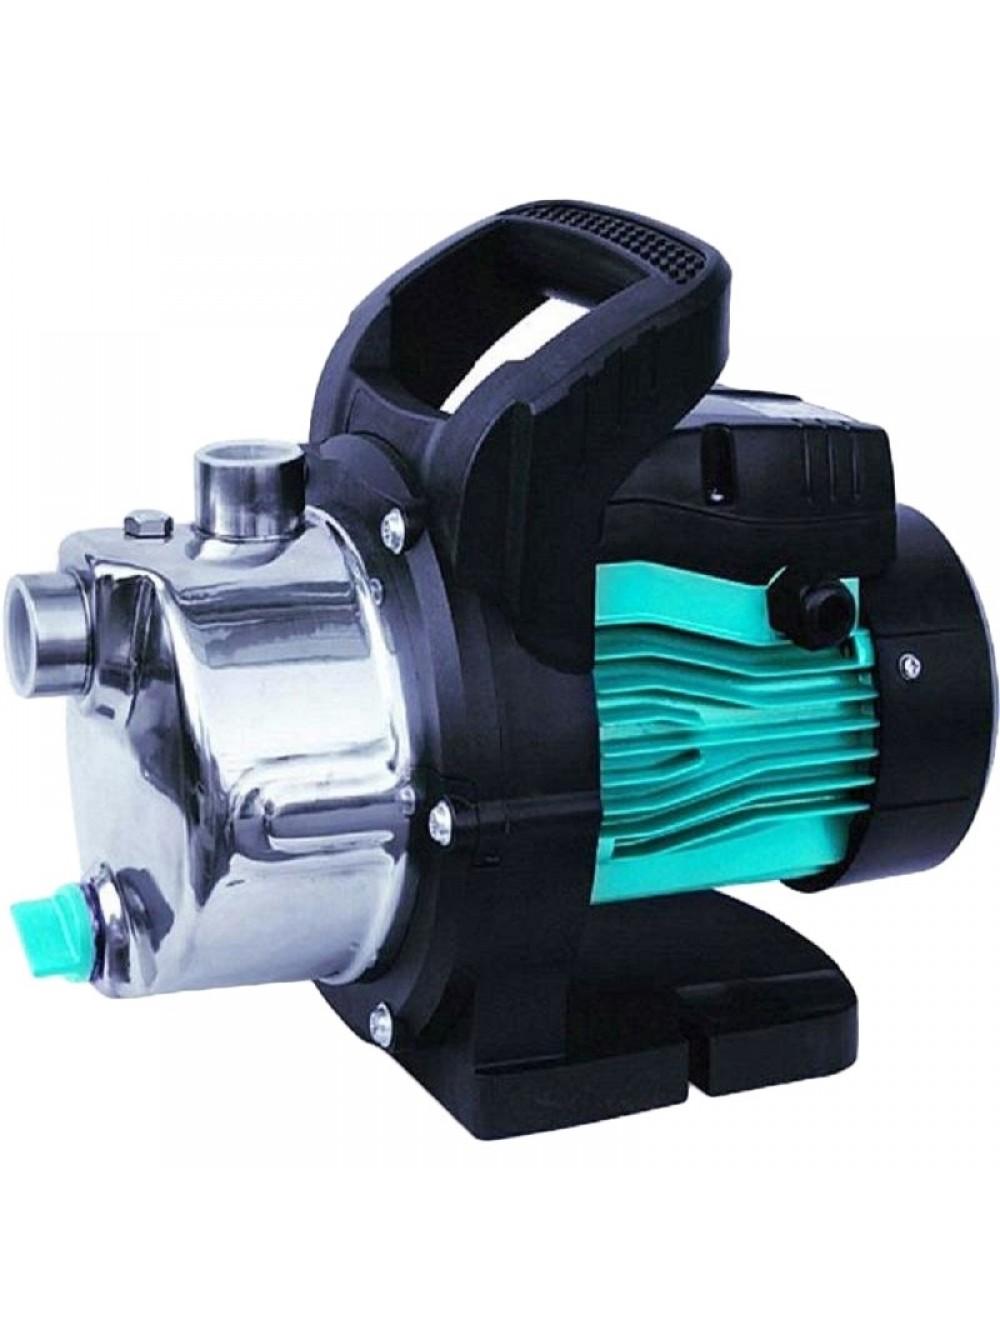 Насос центробежный самовсасывающий Aquatica 775315 0,6 кВт цена